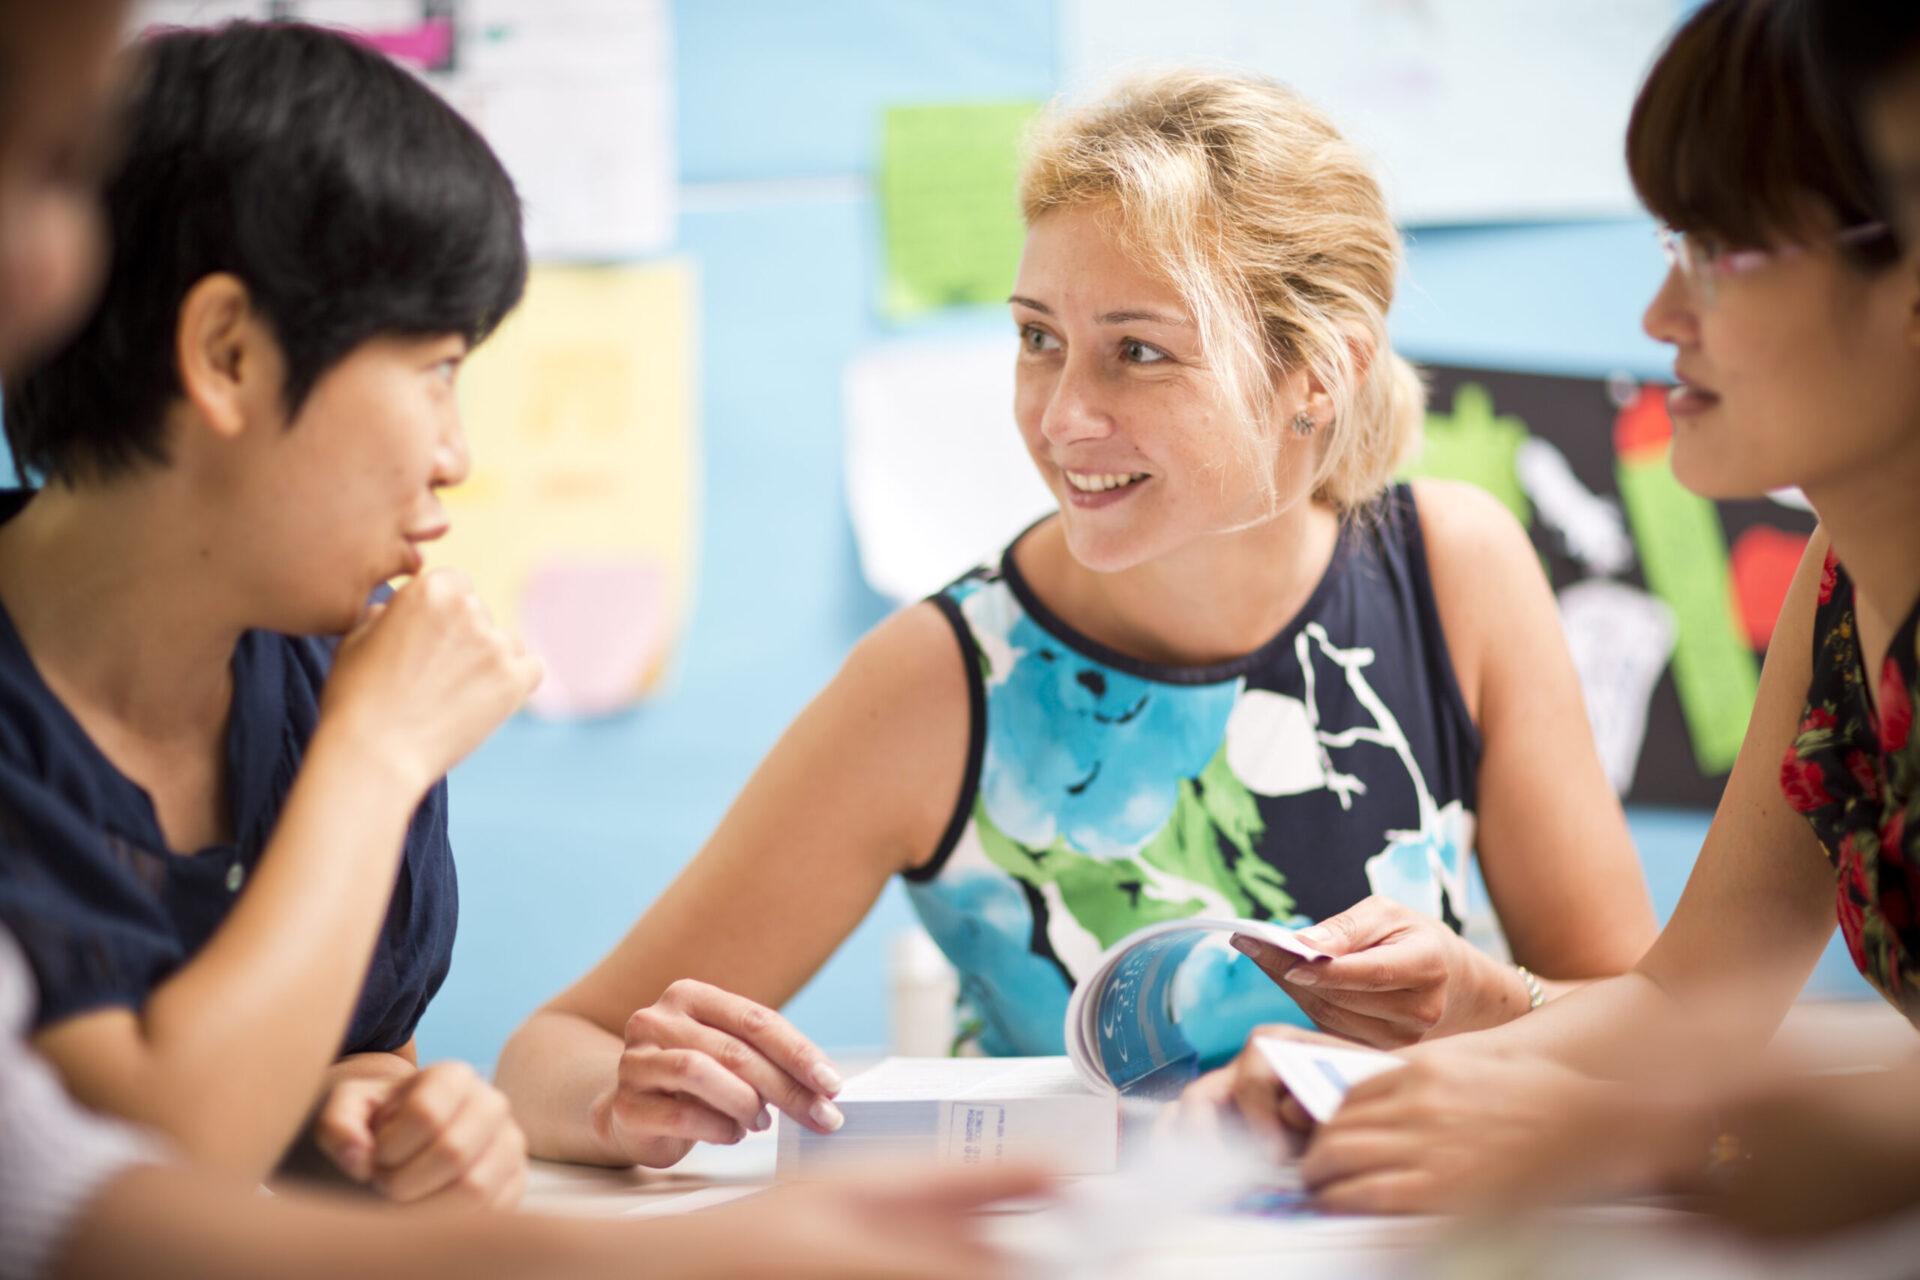 国際英語教授資格をもつ、ベテラン講師陣 日常英会話、ビジネス英語、スタディーキャンプで実用的に習得